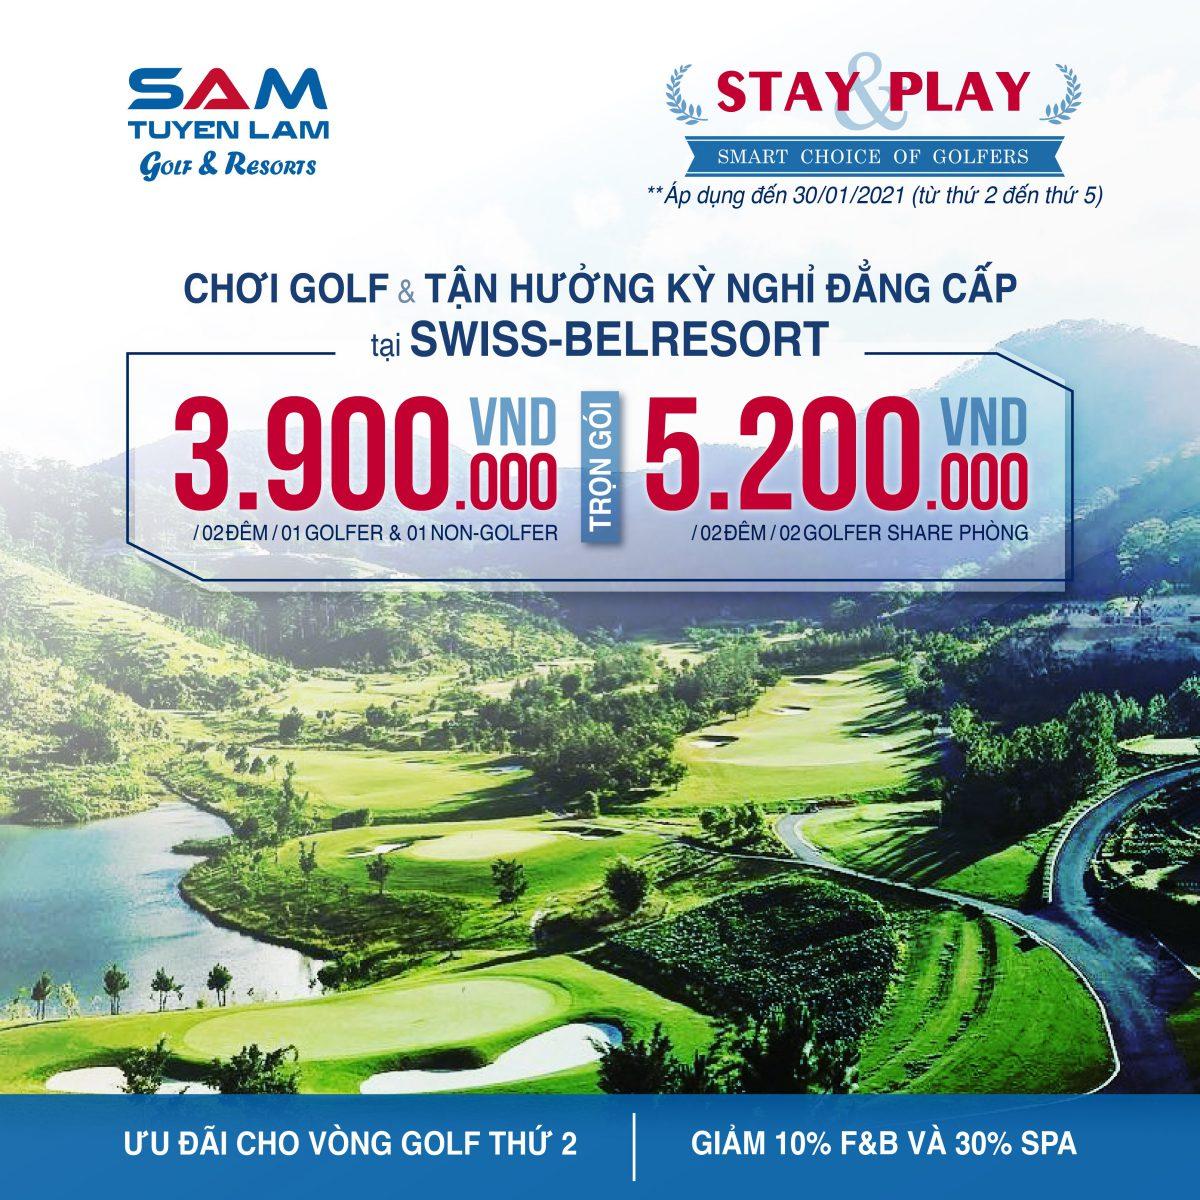 STAY & PLAY – Trọn gói chơi Golf và ở tại Swiss-Belresort